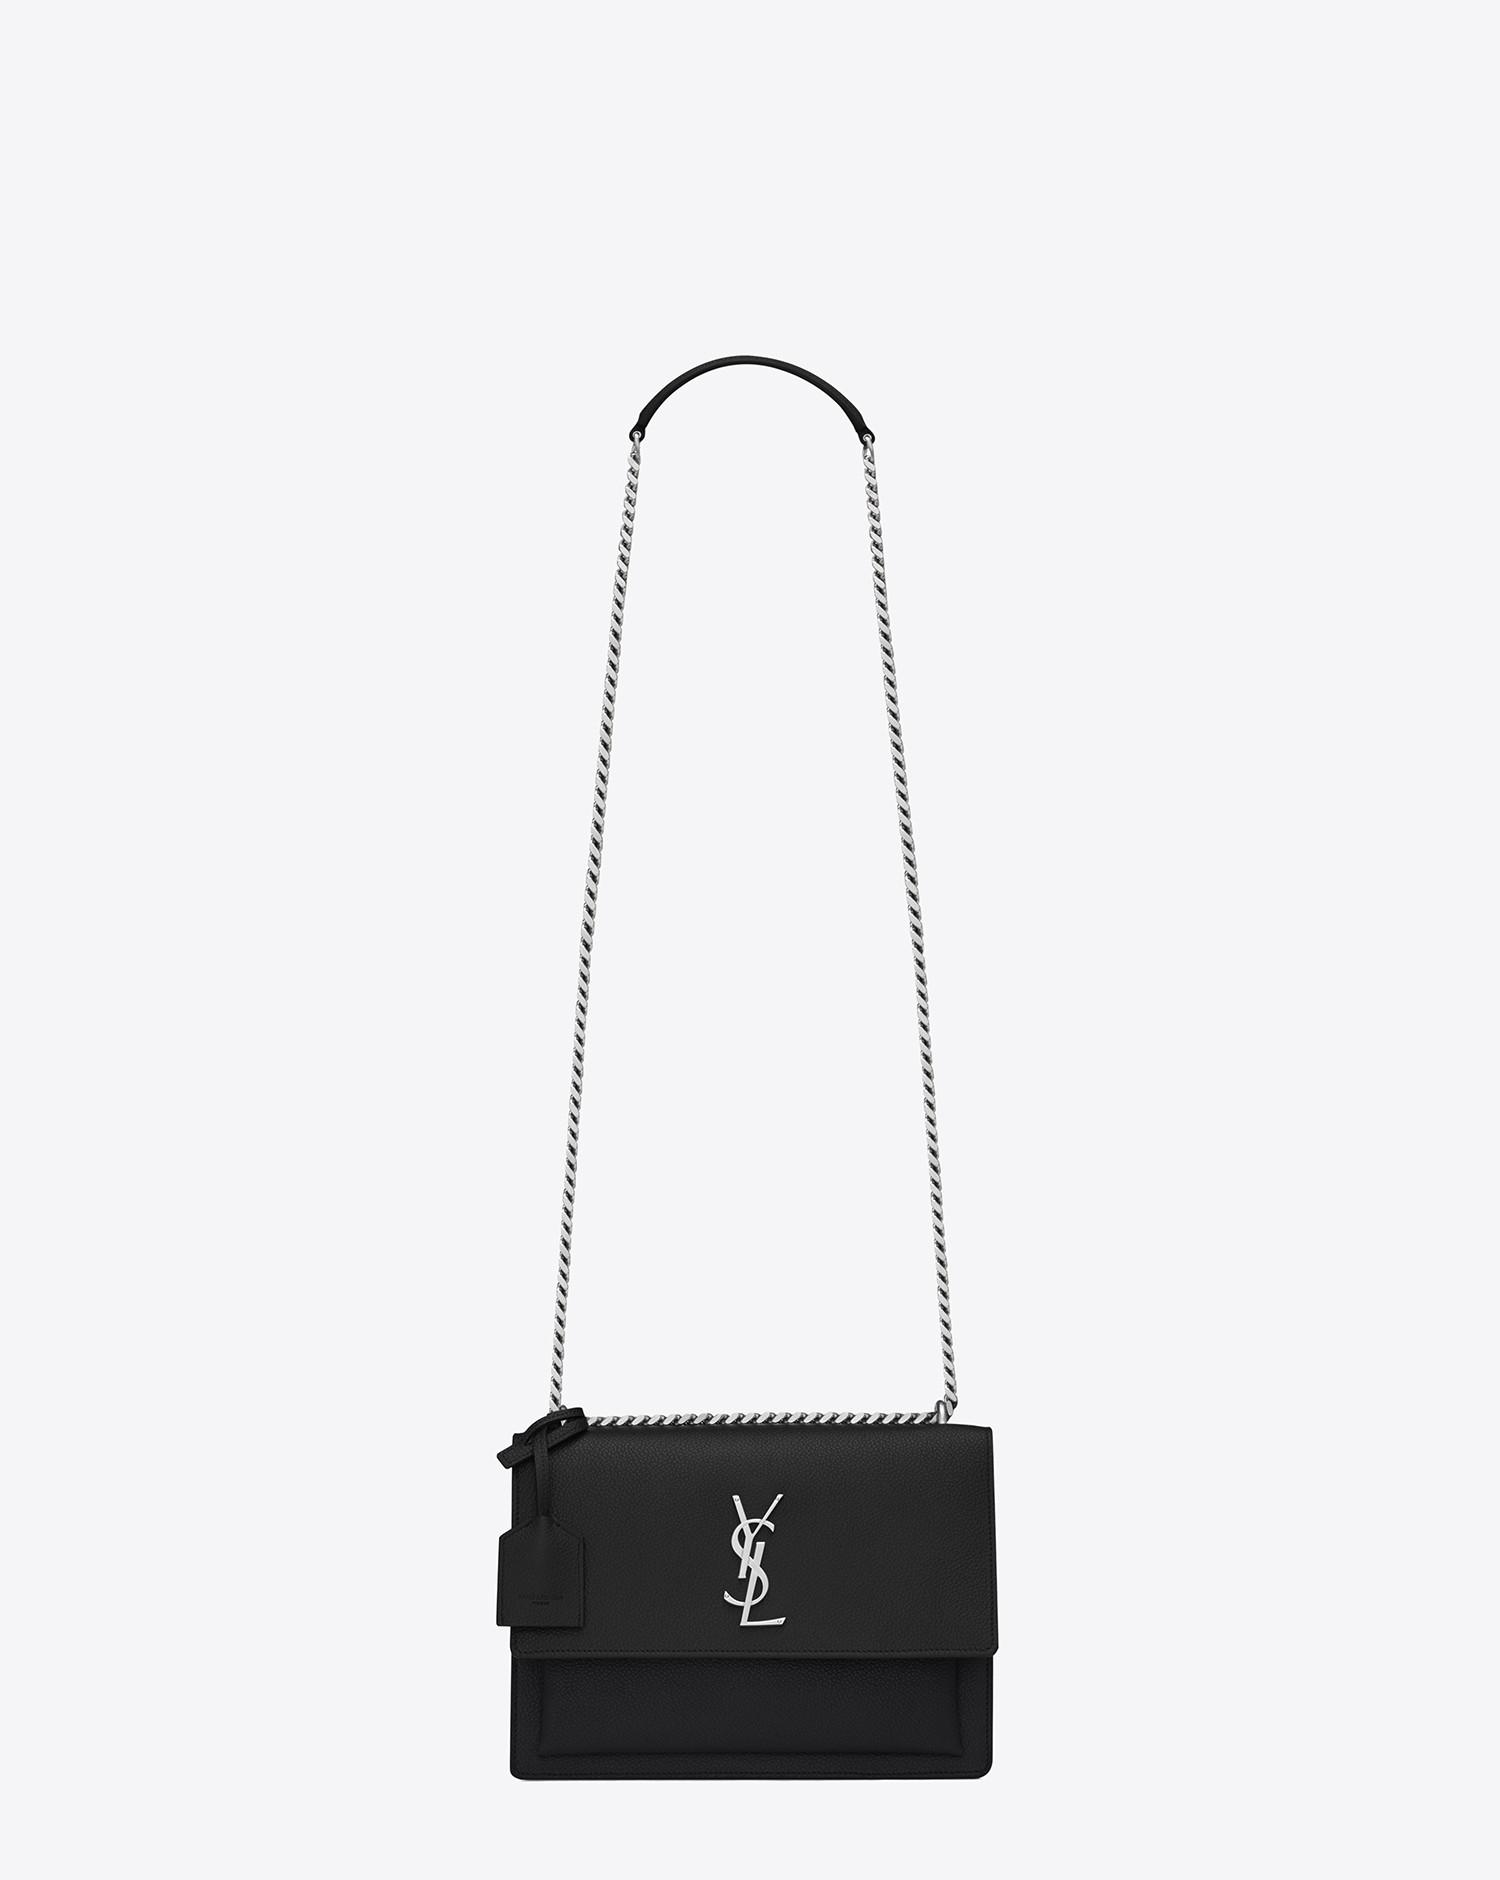 8c18e26e6647 Lyst - Saint Laurent Medium Sunset Monogram Bag In Black .